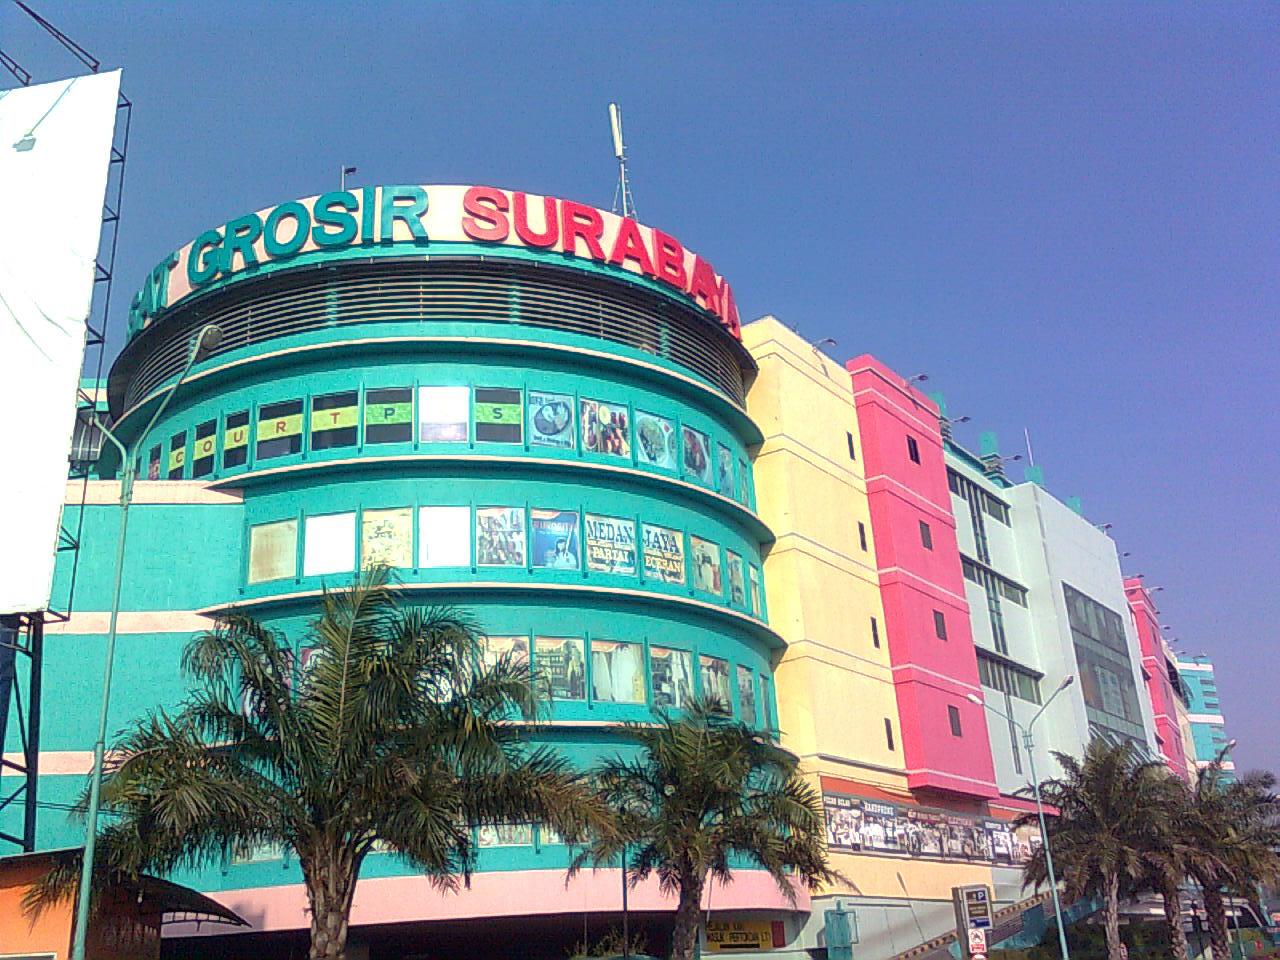 Grosir Murah di Surabaya Sejarah PGS Pusat Grosir Surabaya